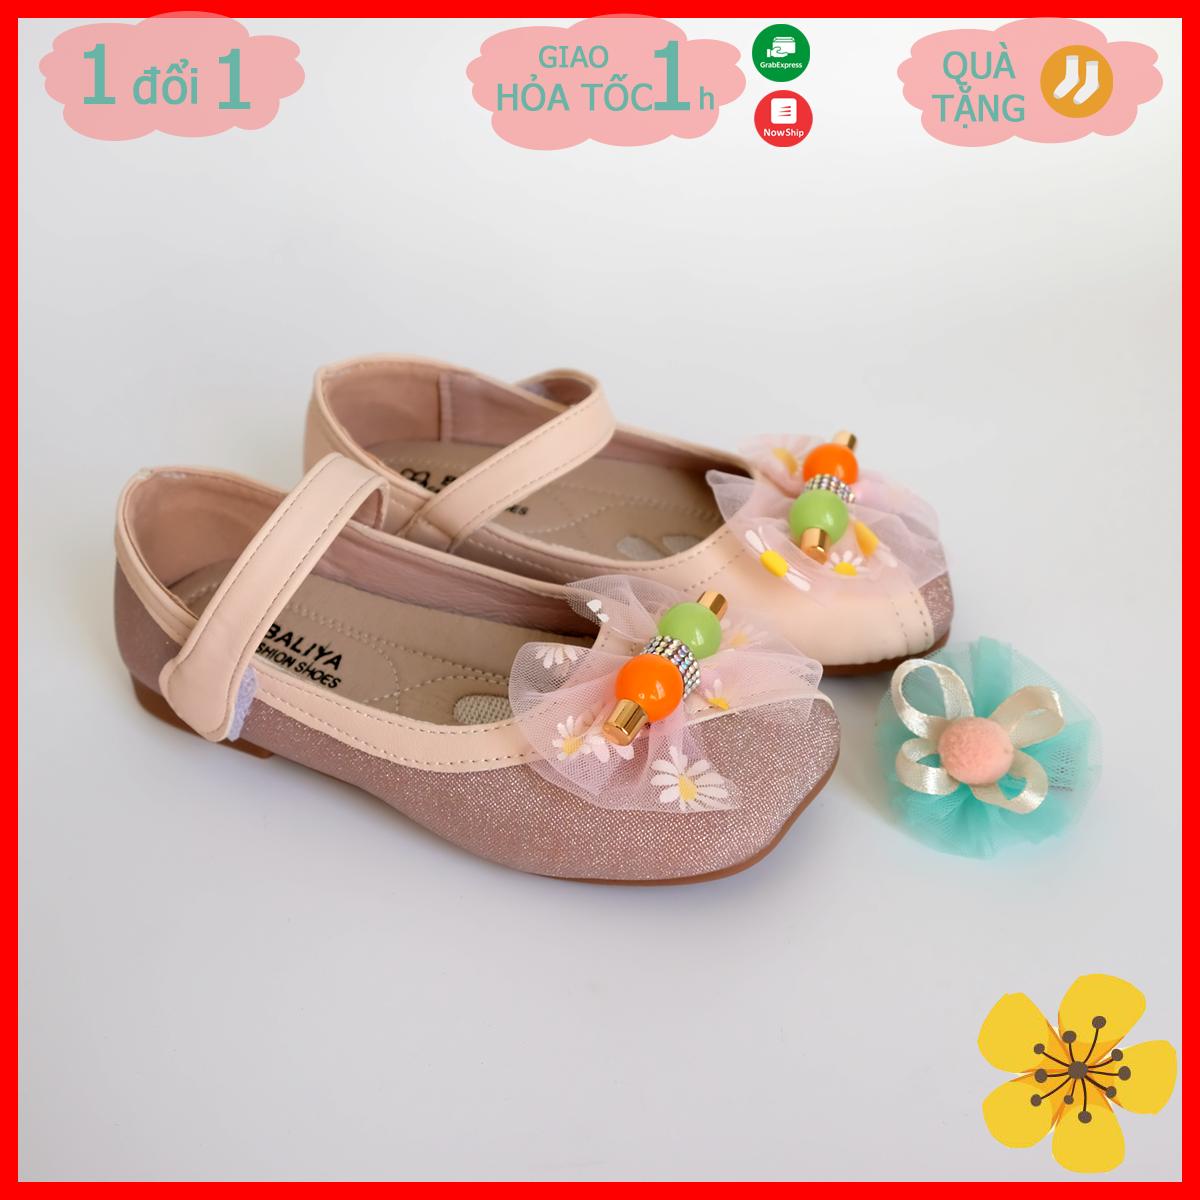 Giày búp bê bé gái màu hồng, giày búp bê công chúa bé gái màu hồng mẫu Tết 2021 – May House shop